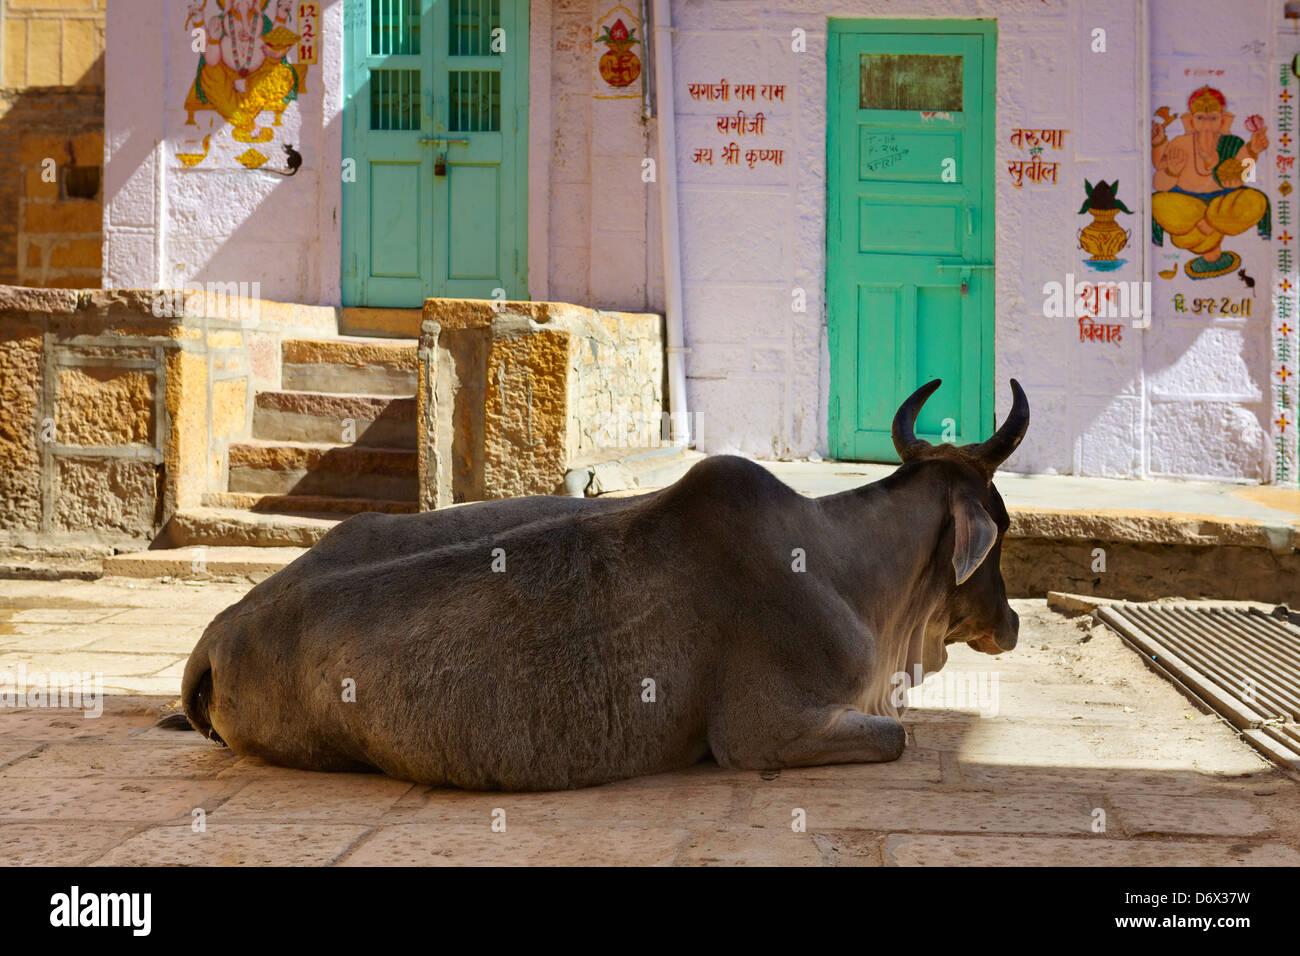 Straßenszene, Kuh auf die Straße, Jaisalmer, Rajasthan Zustand, Indien Stockbild